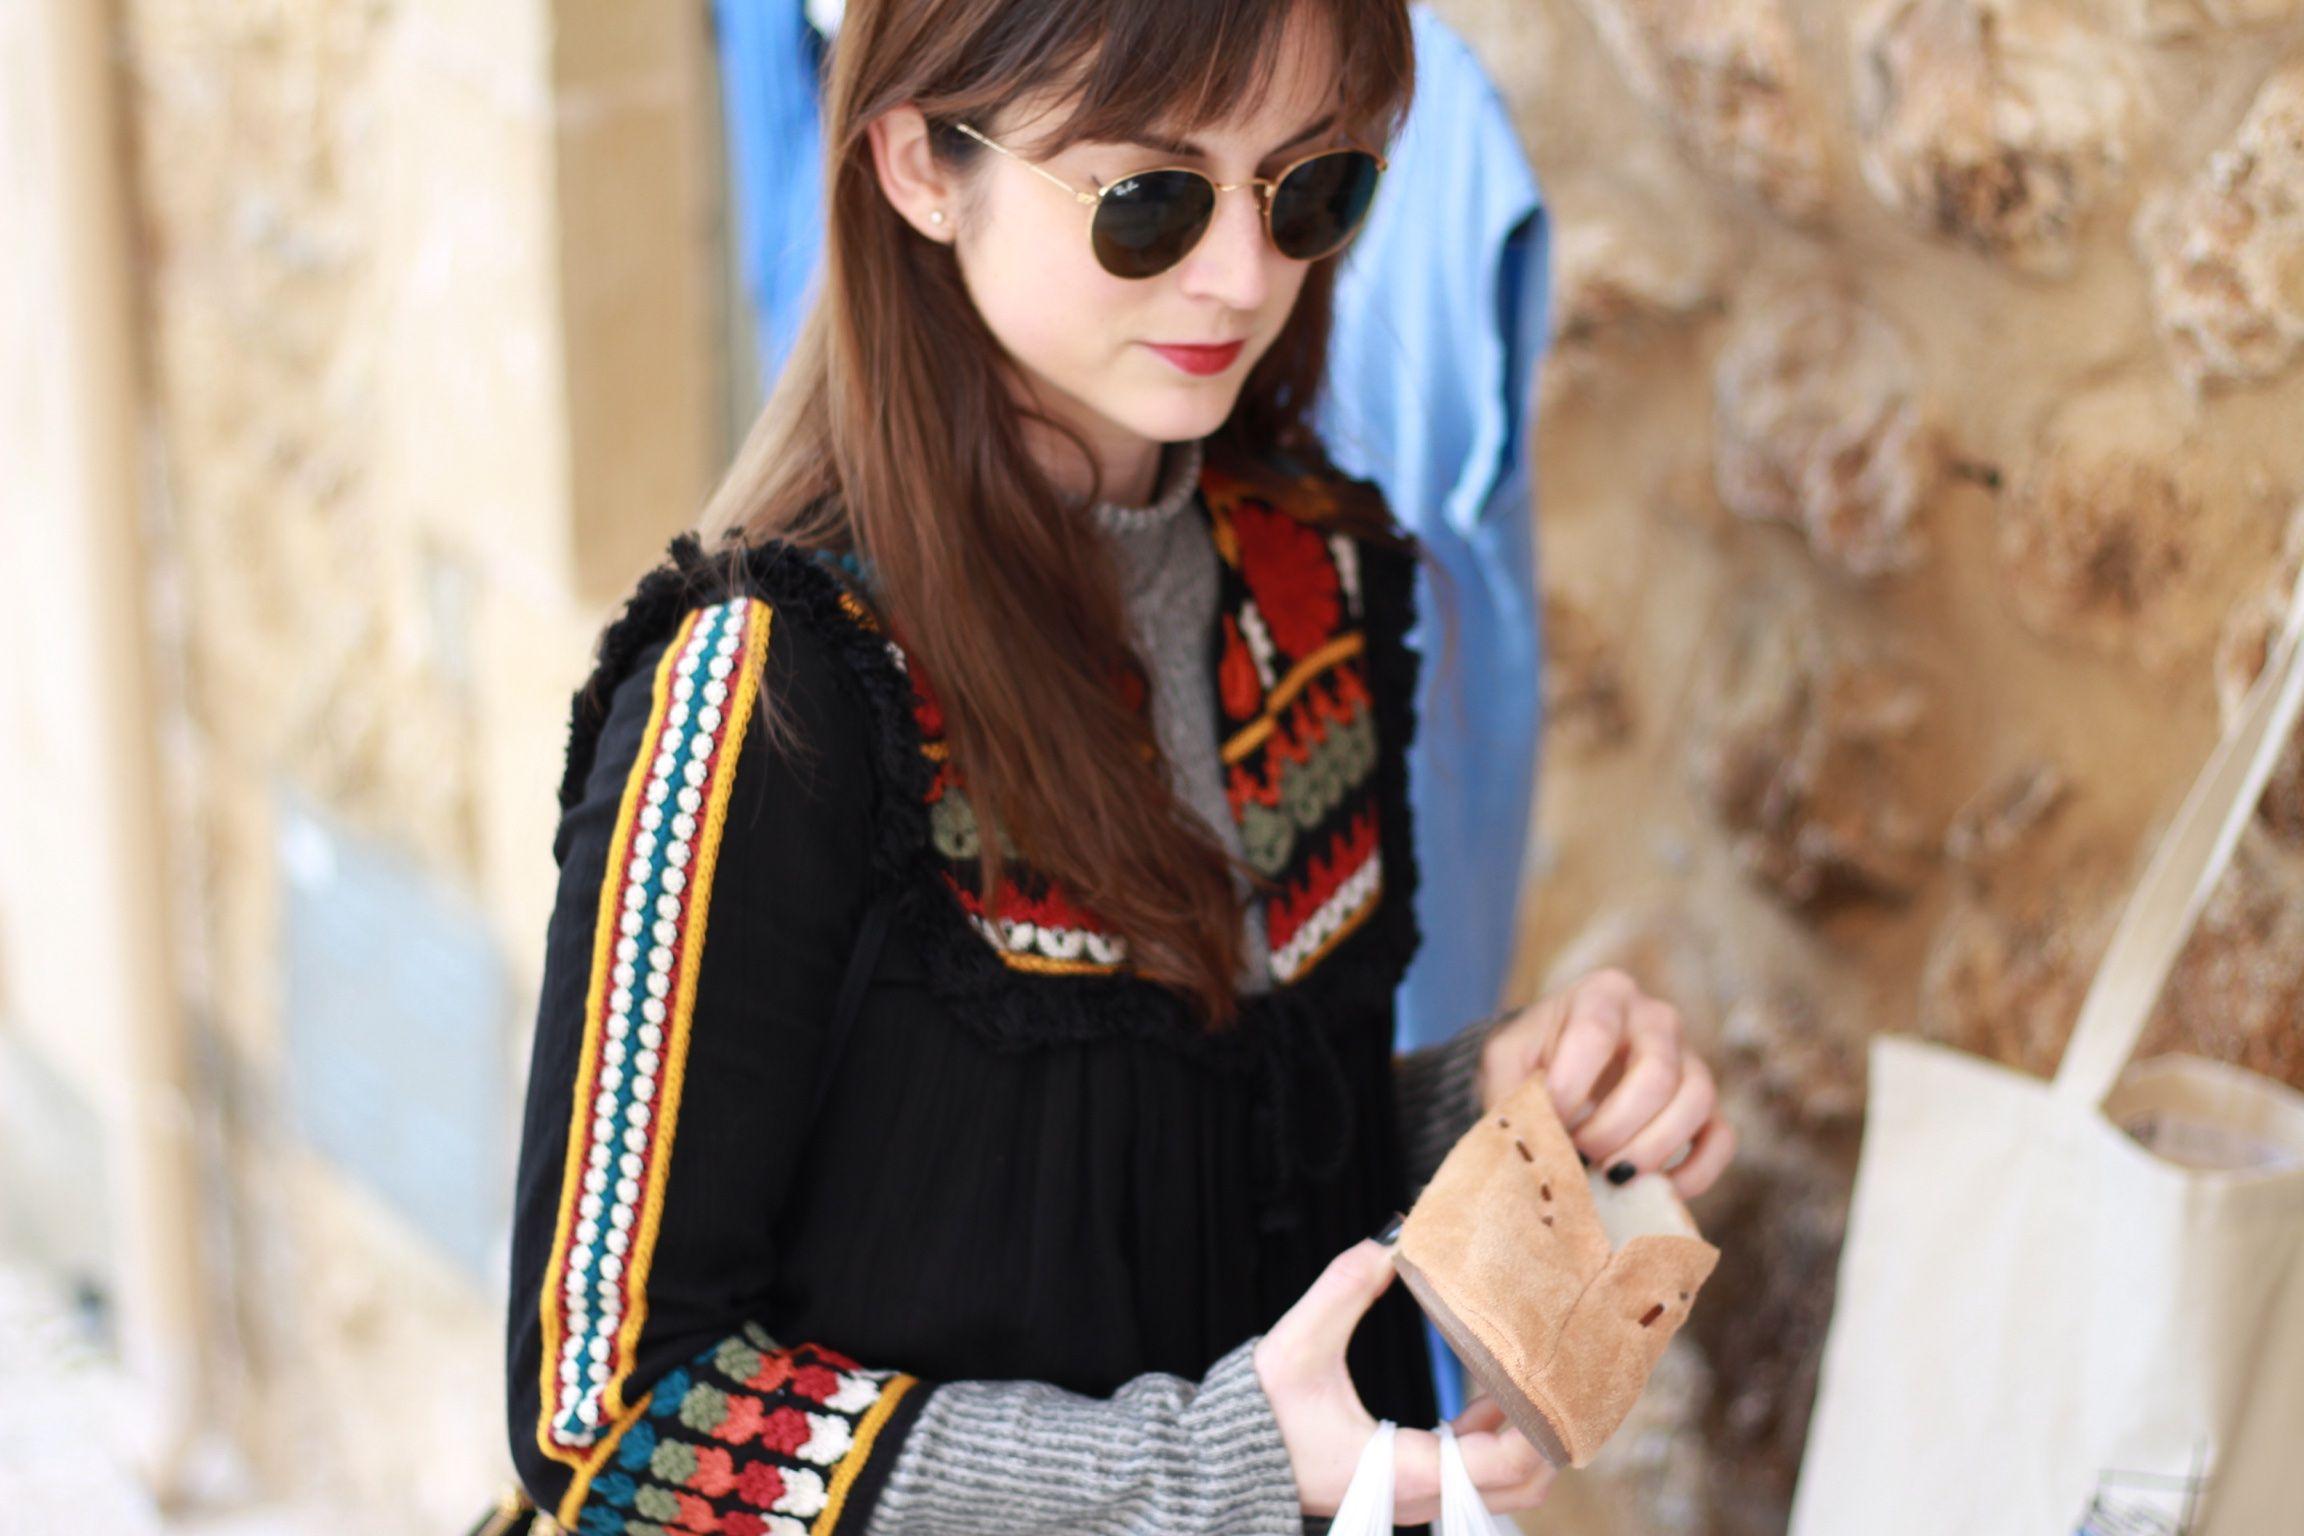 Folklore Jacke von Zara kombiniert mit Céline Trio Bag, und schwarzer Flared Jeans